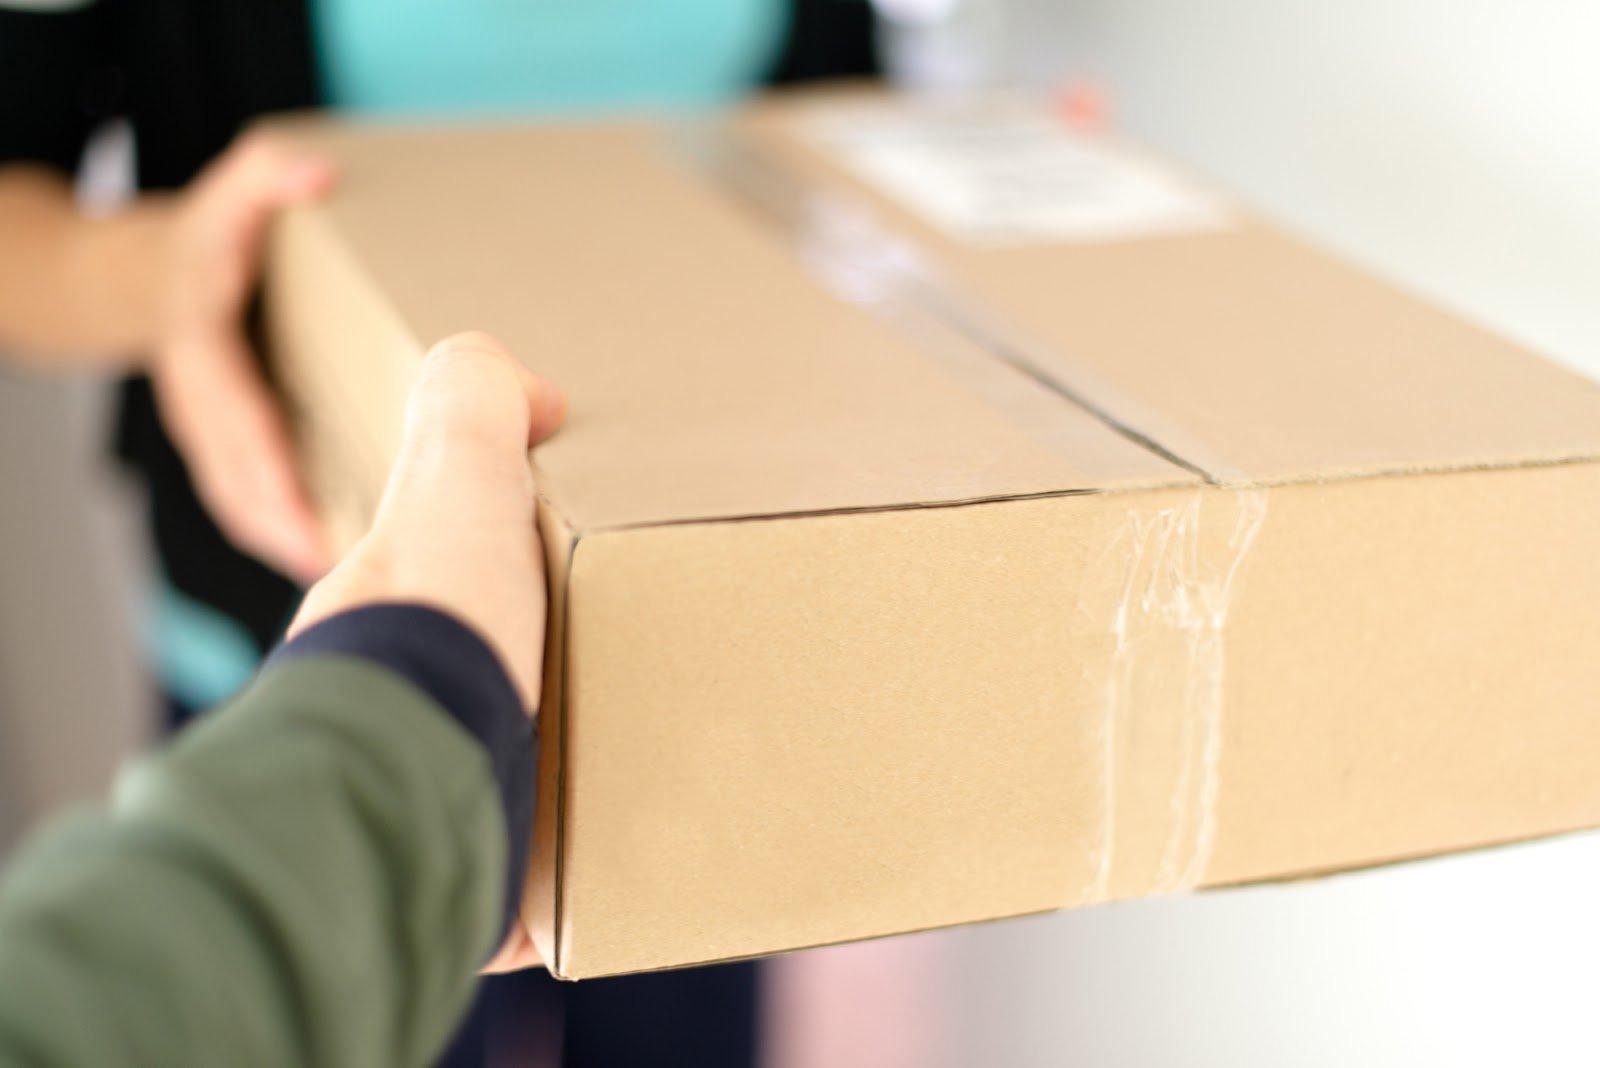 Новая схема мошенничества: украинцам приходят посылки, которые они не заказывали